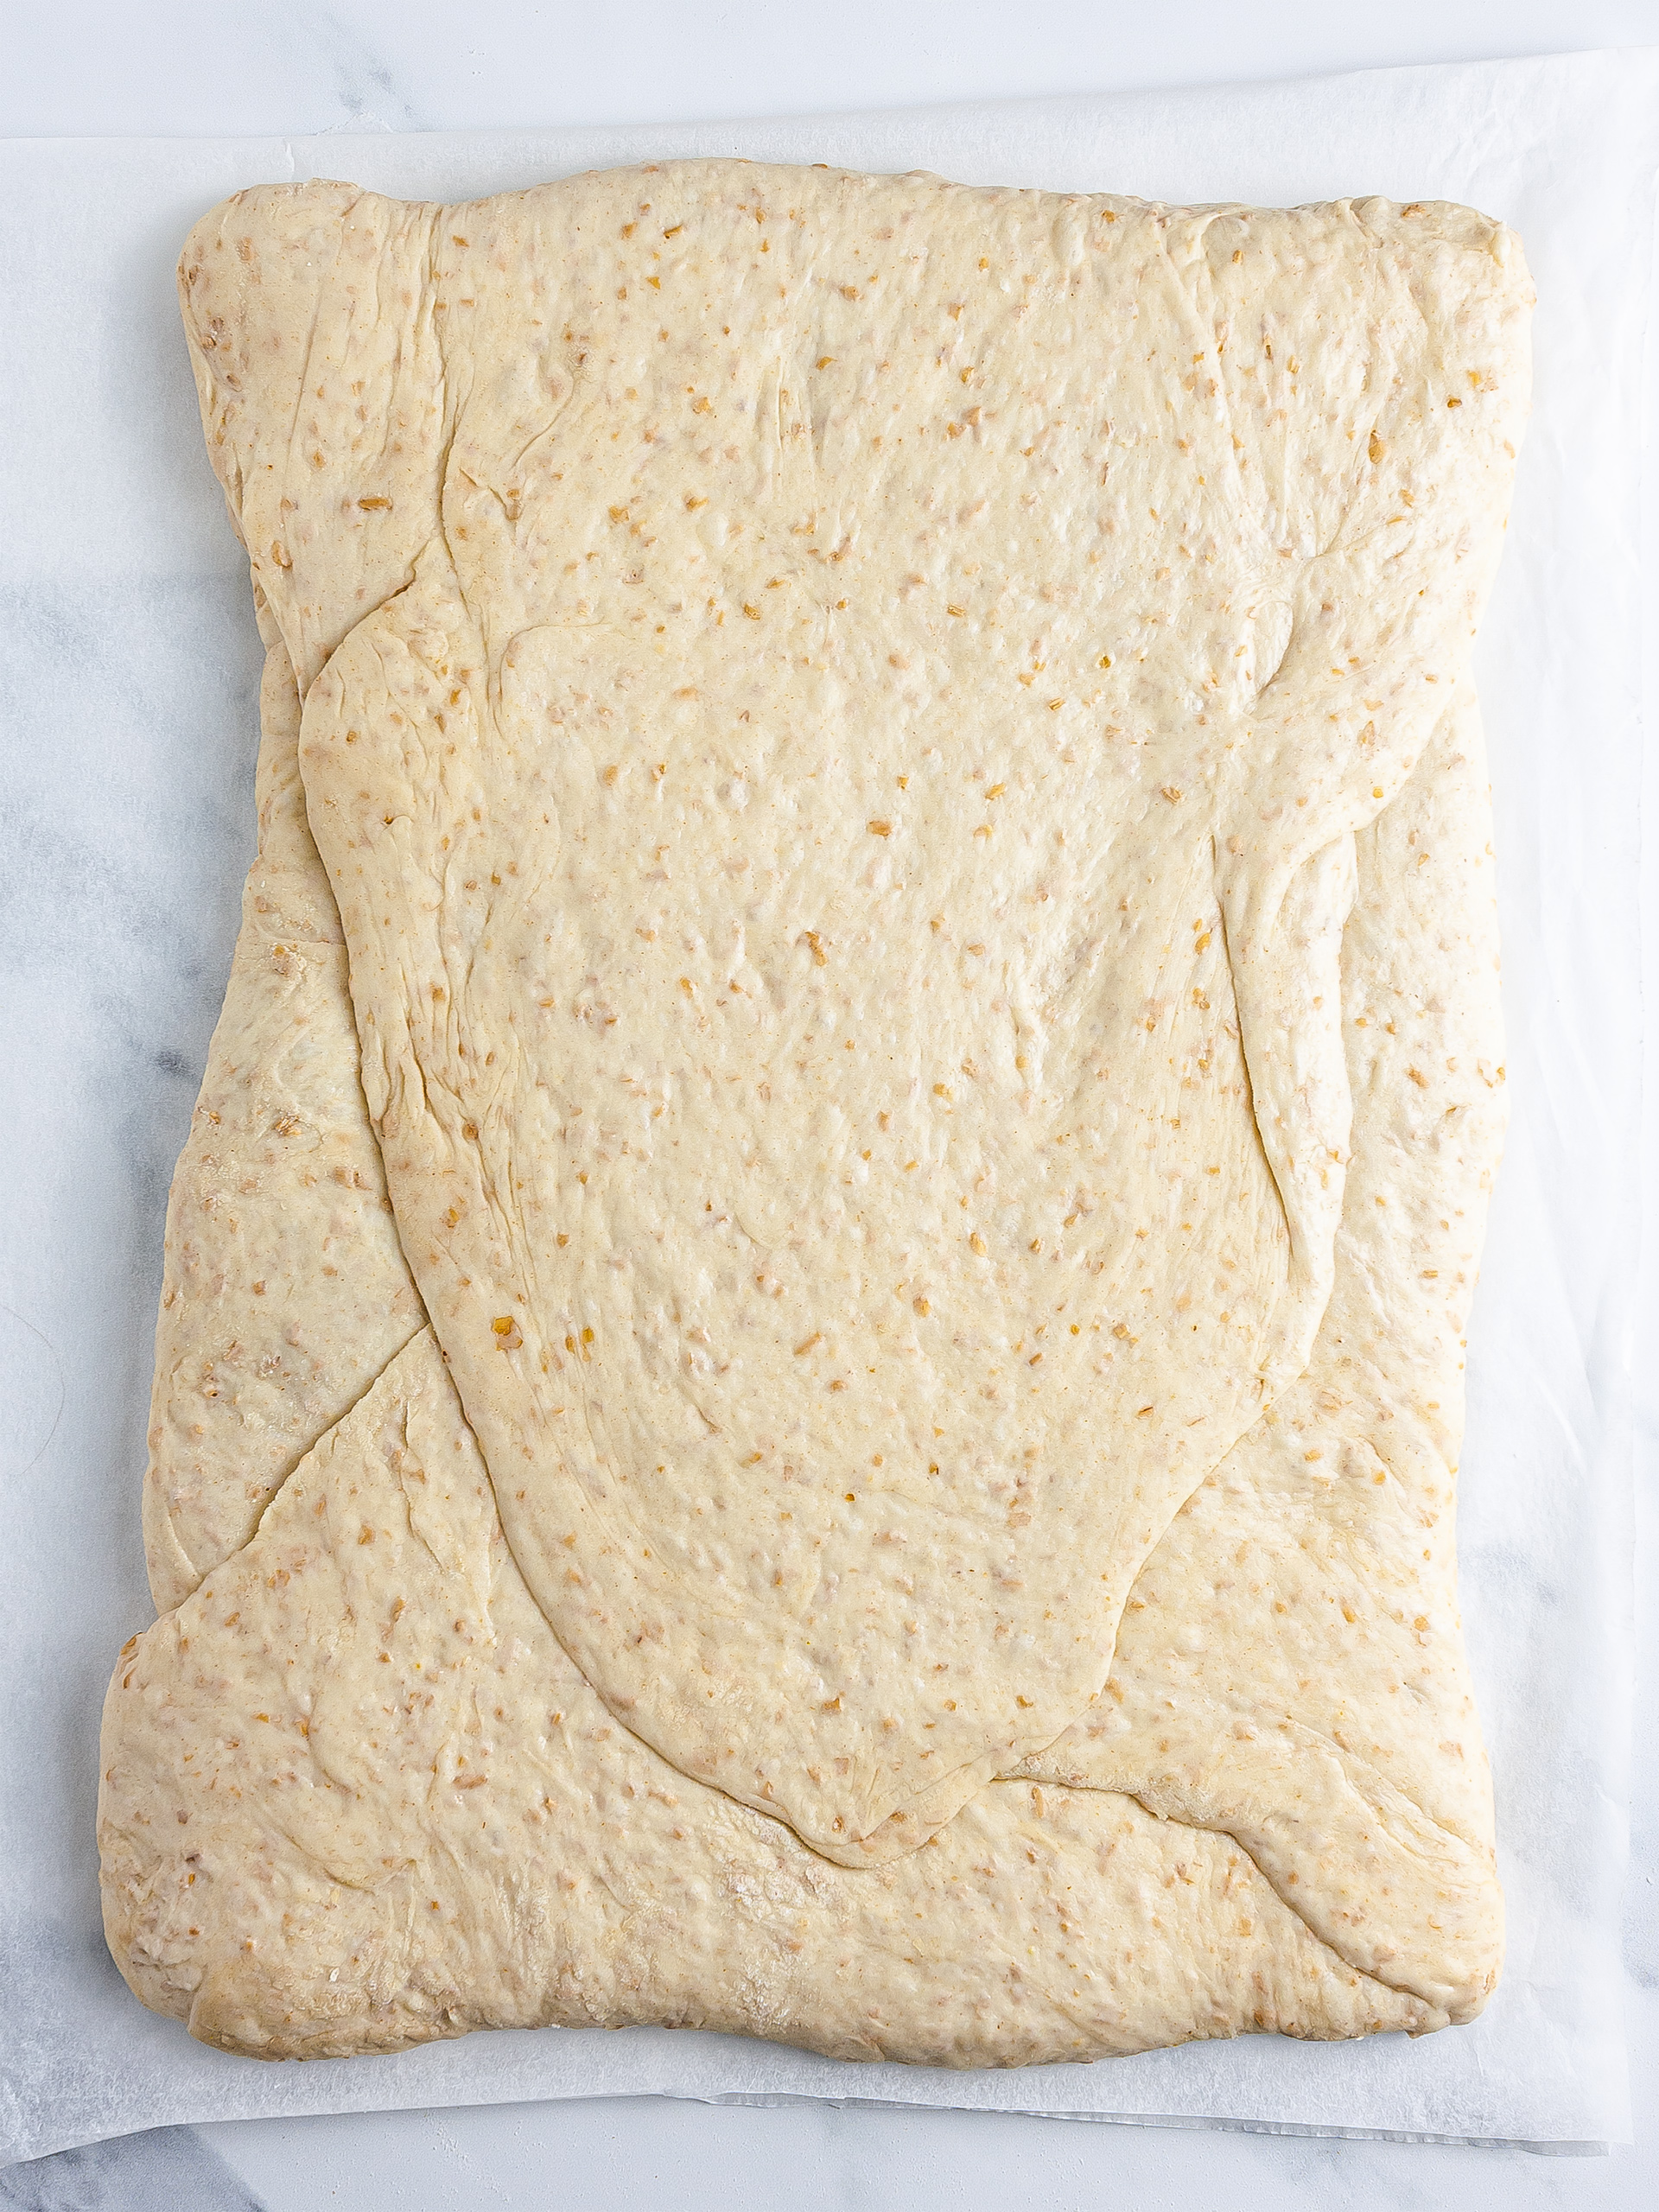 Folded croissant dough